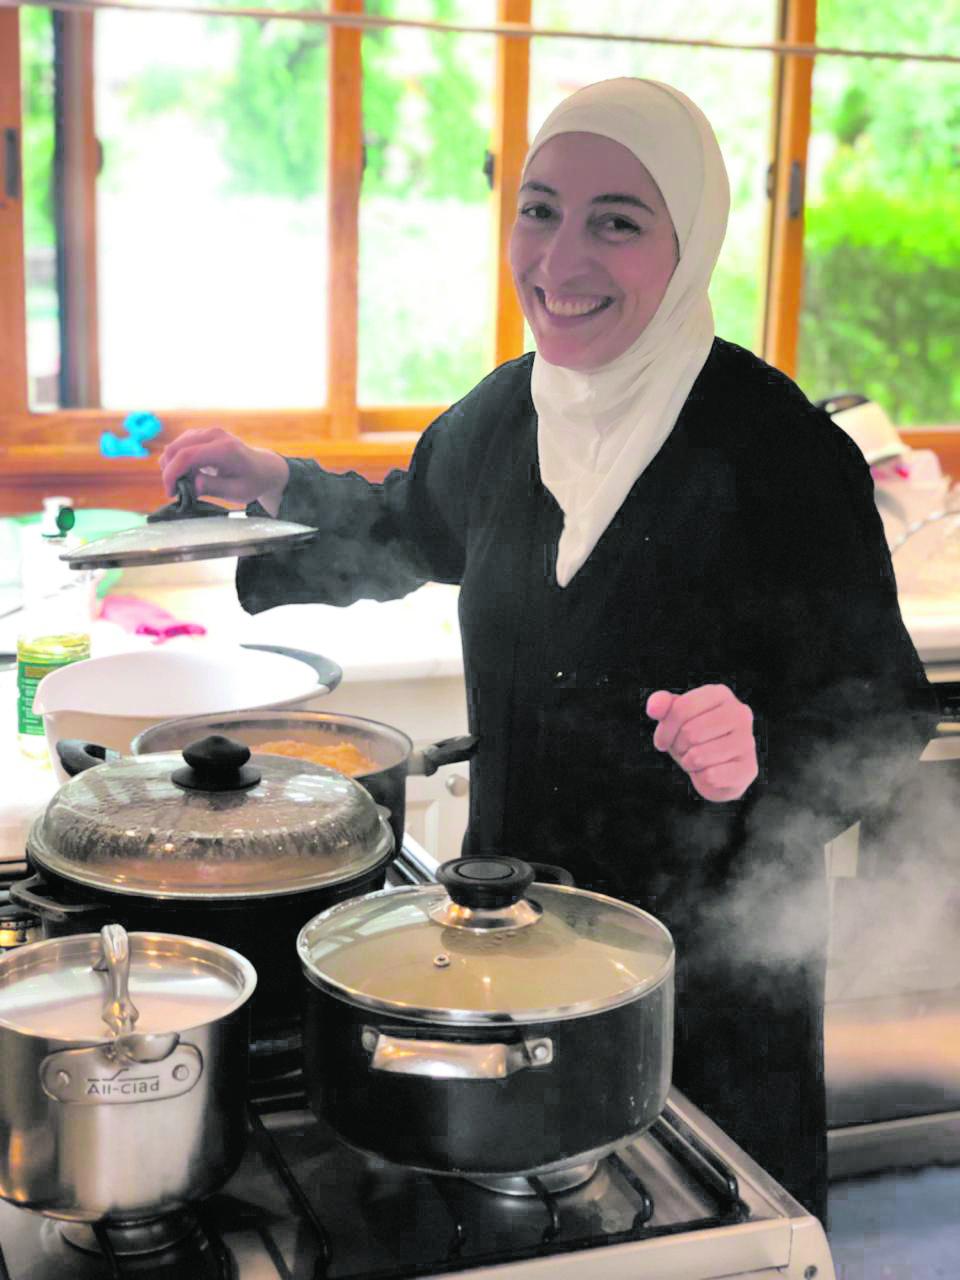 Ghazal preparando comidas típicas da culinária síria. Foto: Stephanie Habrich